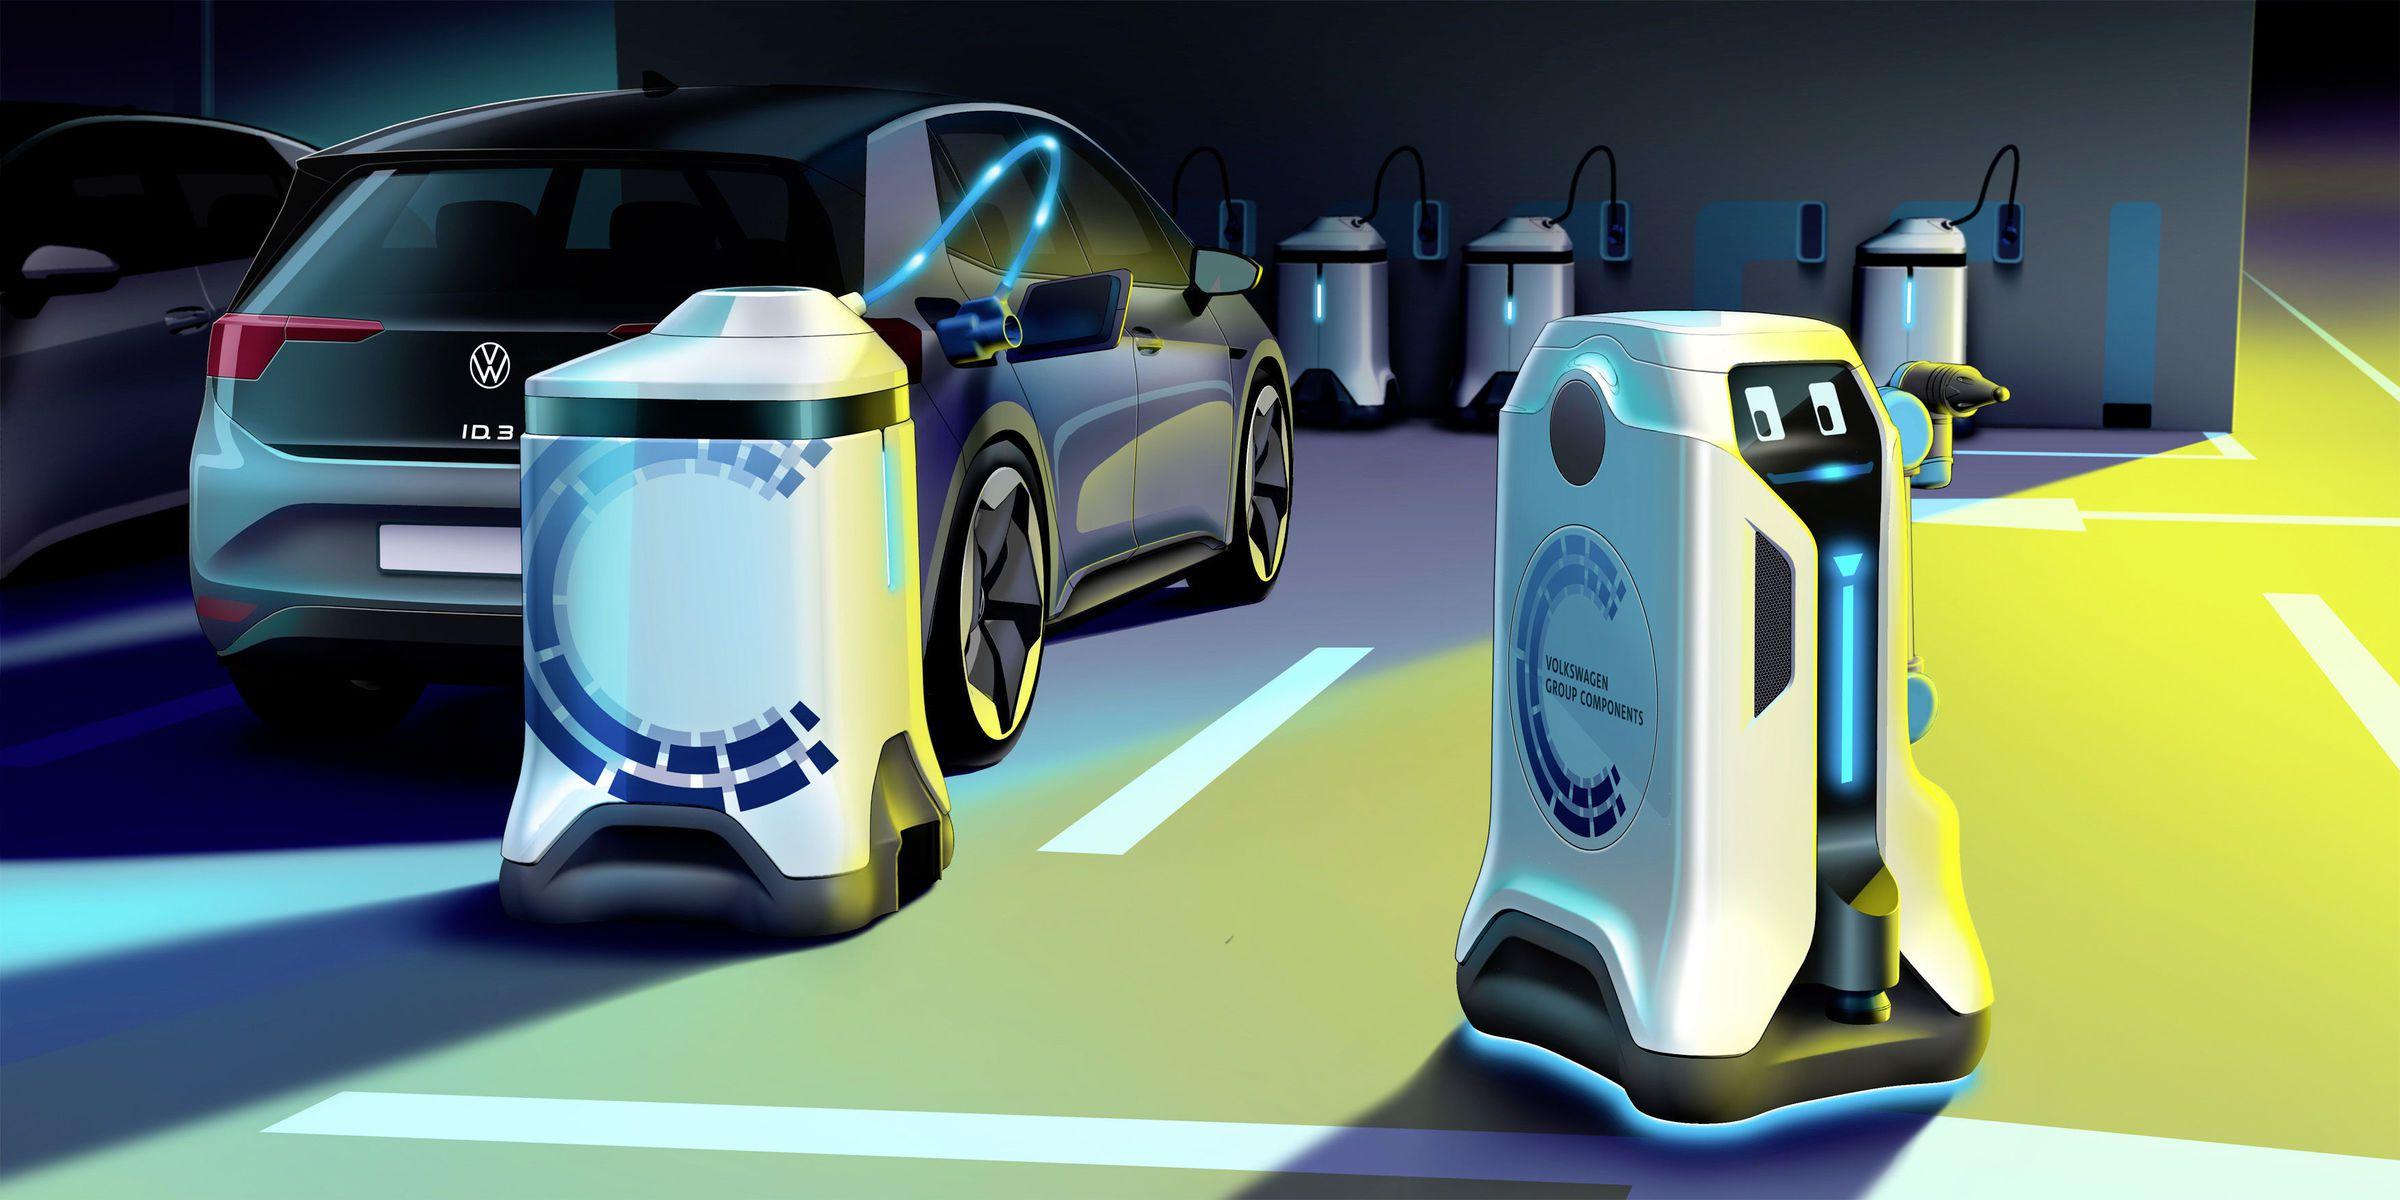 Un robot de recharge autonome.